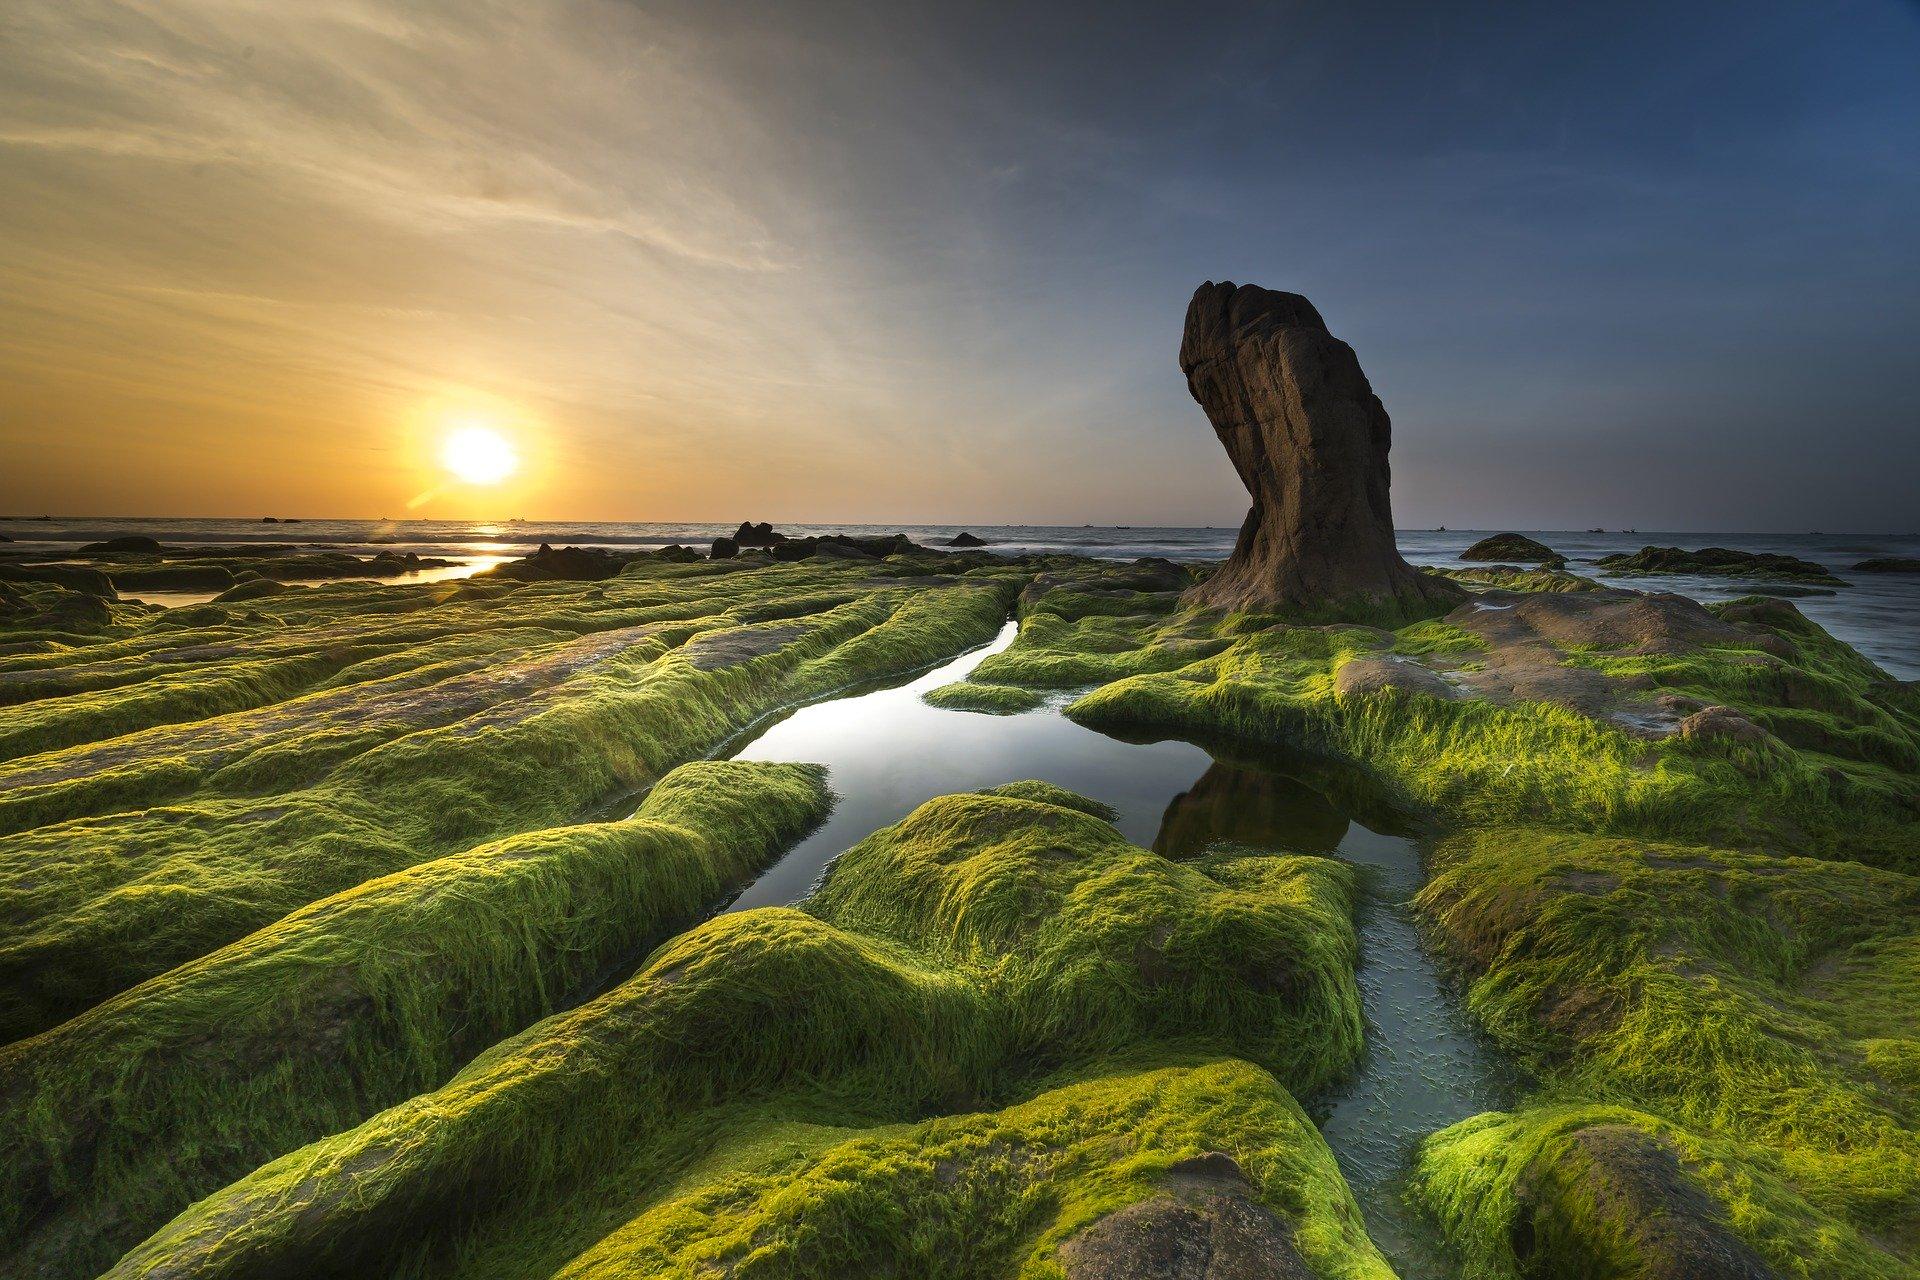 Vers une exploitation industrielle des algues vertes?